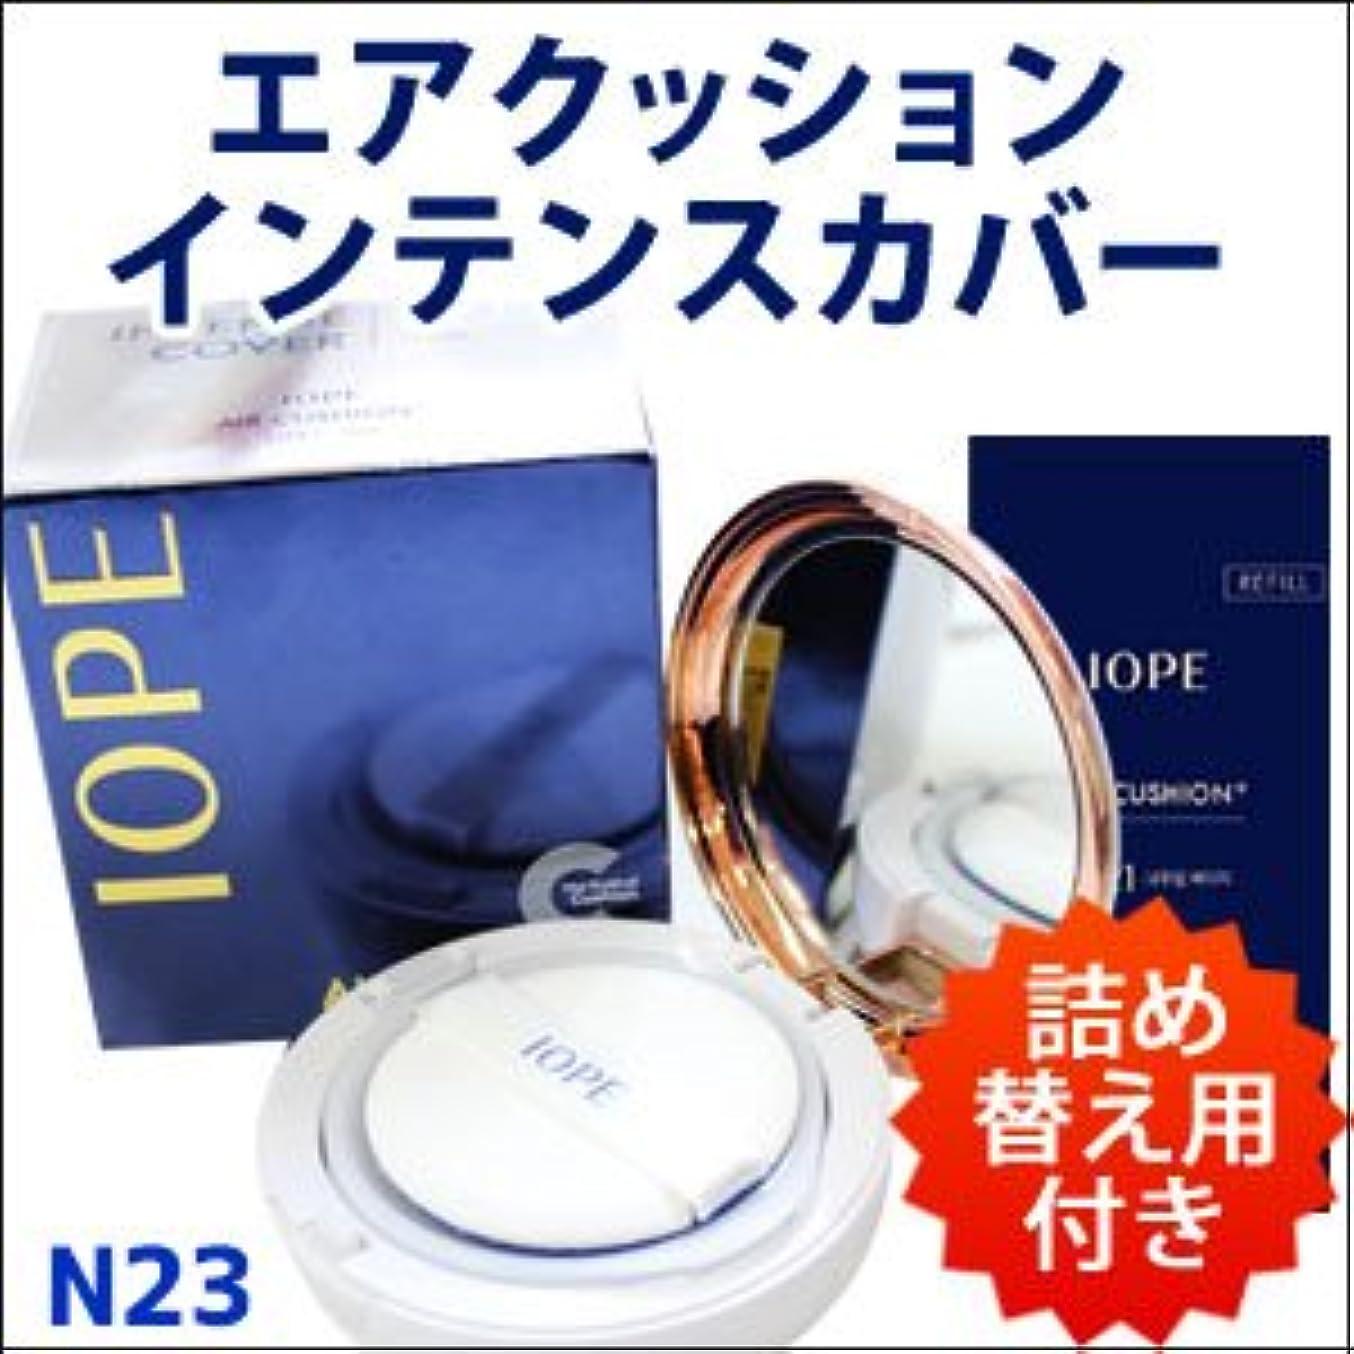 合法後警告するアイオペ エアクッション インテンス カバー N23 SPF50/PA+++ 詰め替え用付き